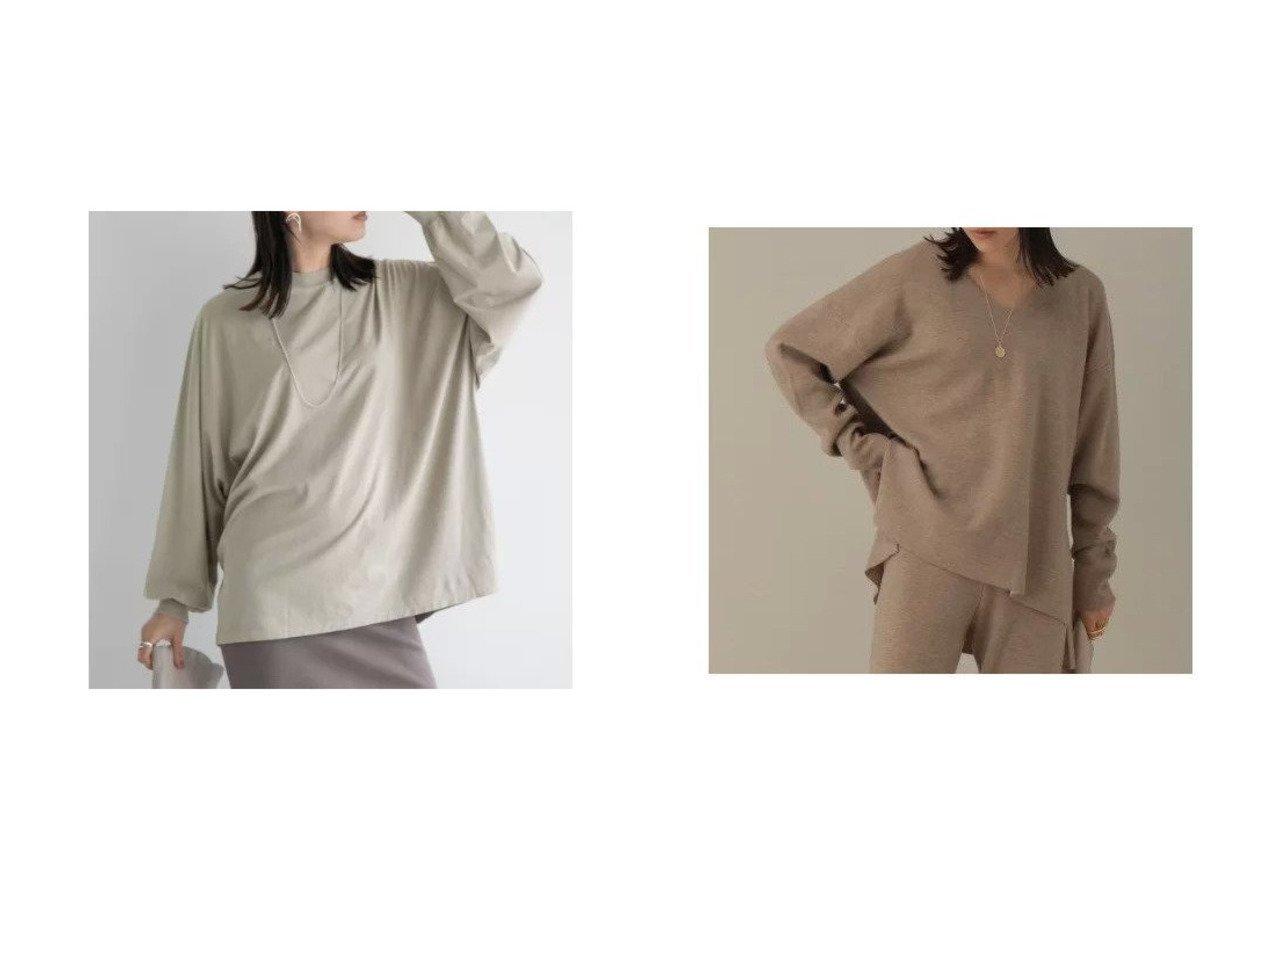 【Chaos/カオス】の【REMI RELIEF】別注ロングTシャツ&ラマーリバーVネックプルオーバー 【トップス・カットソー】おすすめ!人気、トレンド・レディースファッションの通販 おすすめで人気の流行・トレンド、ファッションの通販商品 インテリア・家具・メンズファッション・キッズファッション・レディースファッション・服の通販 founy(ファニー) https://founy.com/ ファッション Fashion レディースファッション WOMEN トップス・カットソー Tops/Tshirt シャツ/ブラウス Shirts/Blouses ロング / Tシャツ T-Shirts カットソー Cut and Sewn プルオーバー Pullover Vネック V-Neck アメリカン ヴィンテージ カットソー コンパクト 長袖 パターン プリント ベーシック 別注 ロング ワーク おすすめ Recommend ダブル フェイス |ID:crp329100000062704